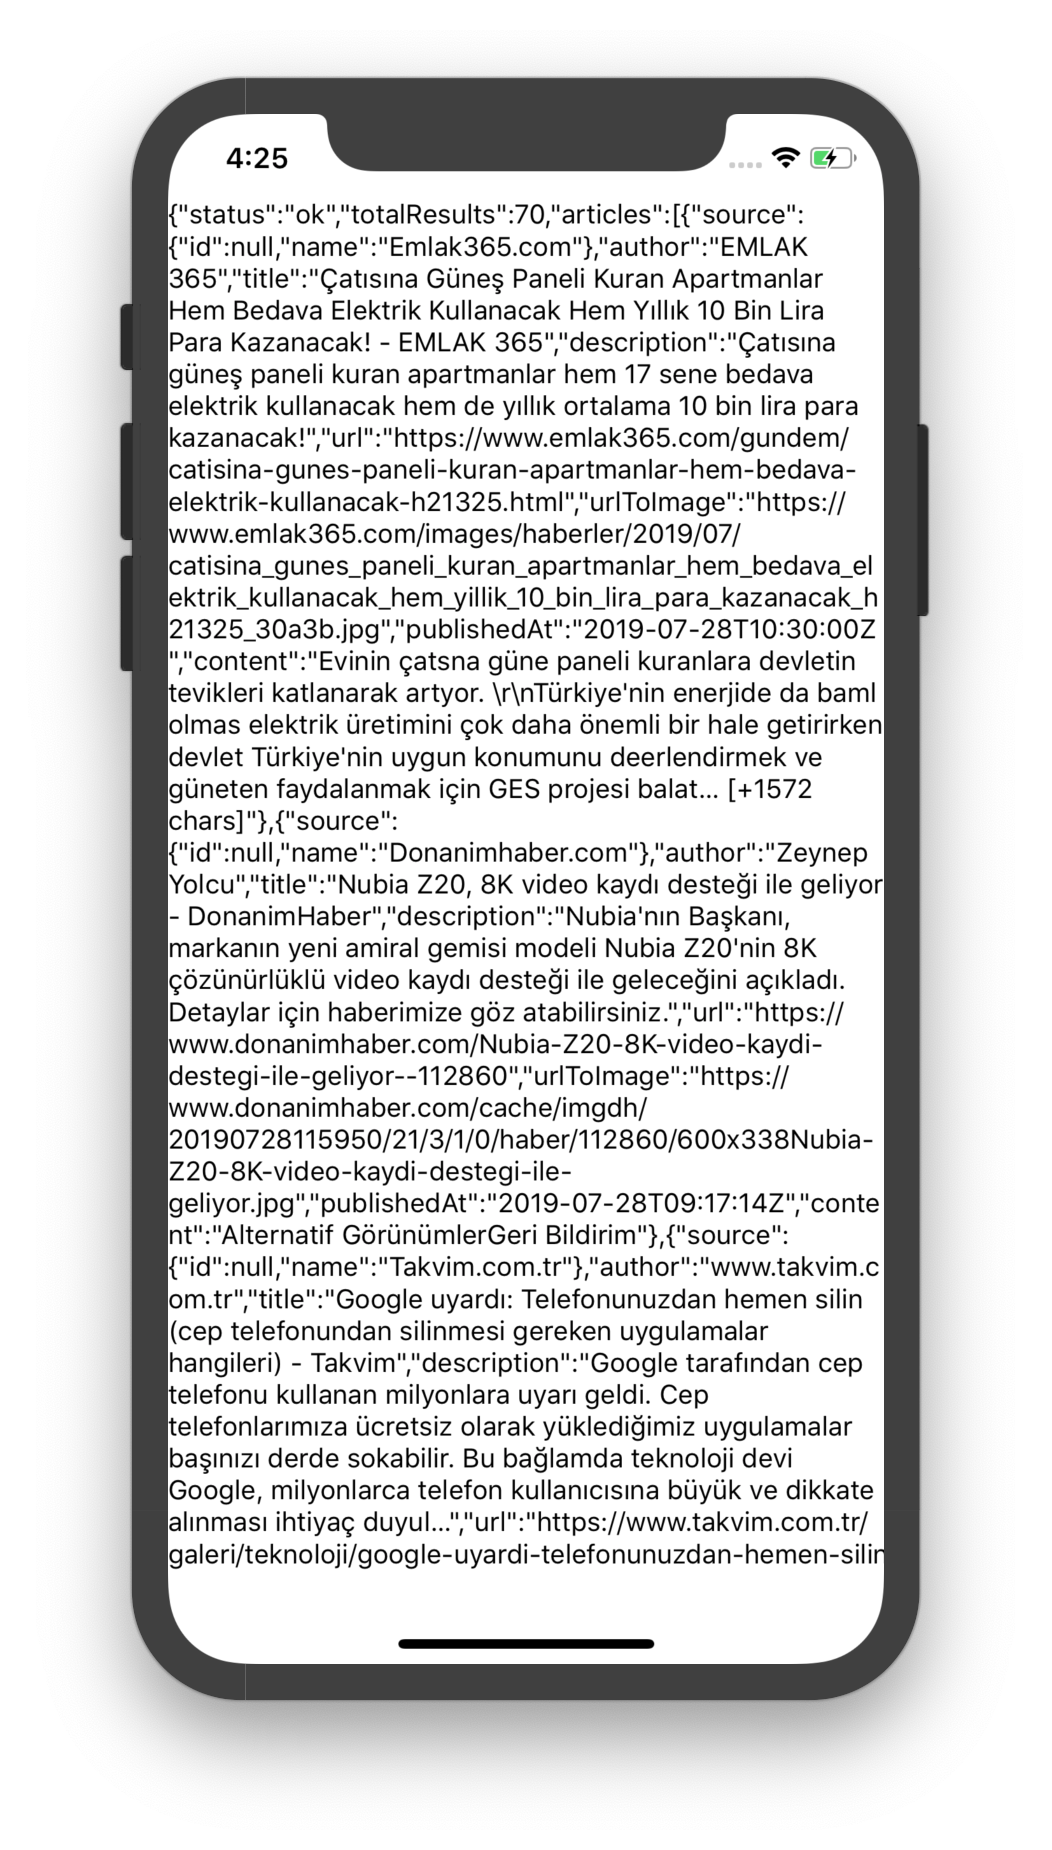 Ağ isteği üzerinden alınan haberlerin  JSON içeriğinin ekrana basılması